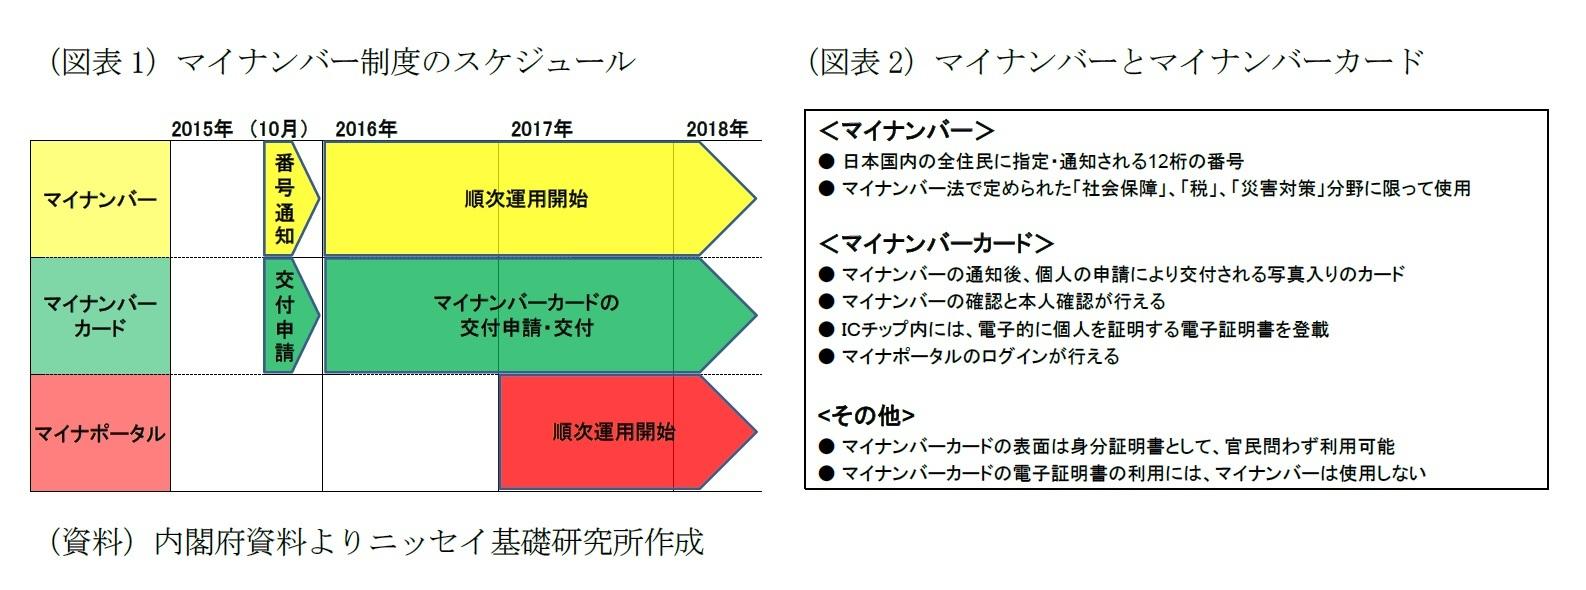 (図表1)マイナンバー制度のスケジュール/(図表2)マイナンバーとマイナンバーカード